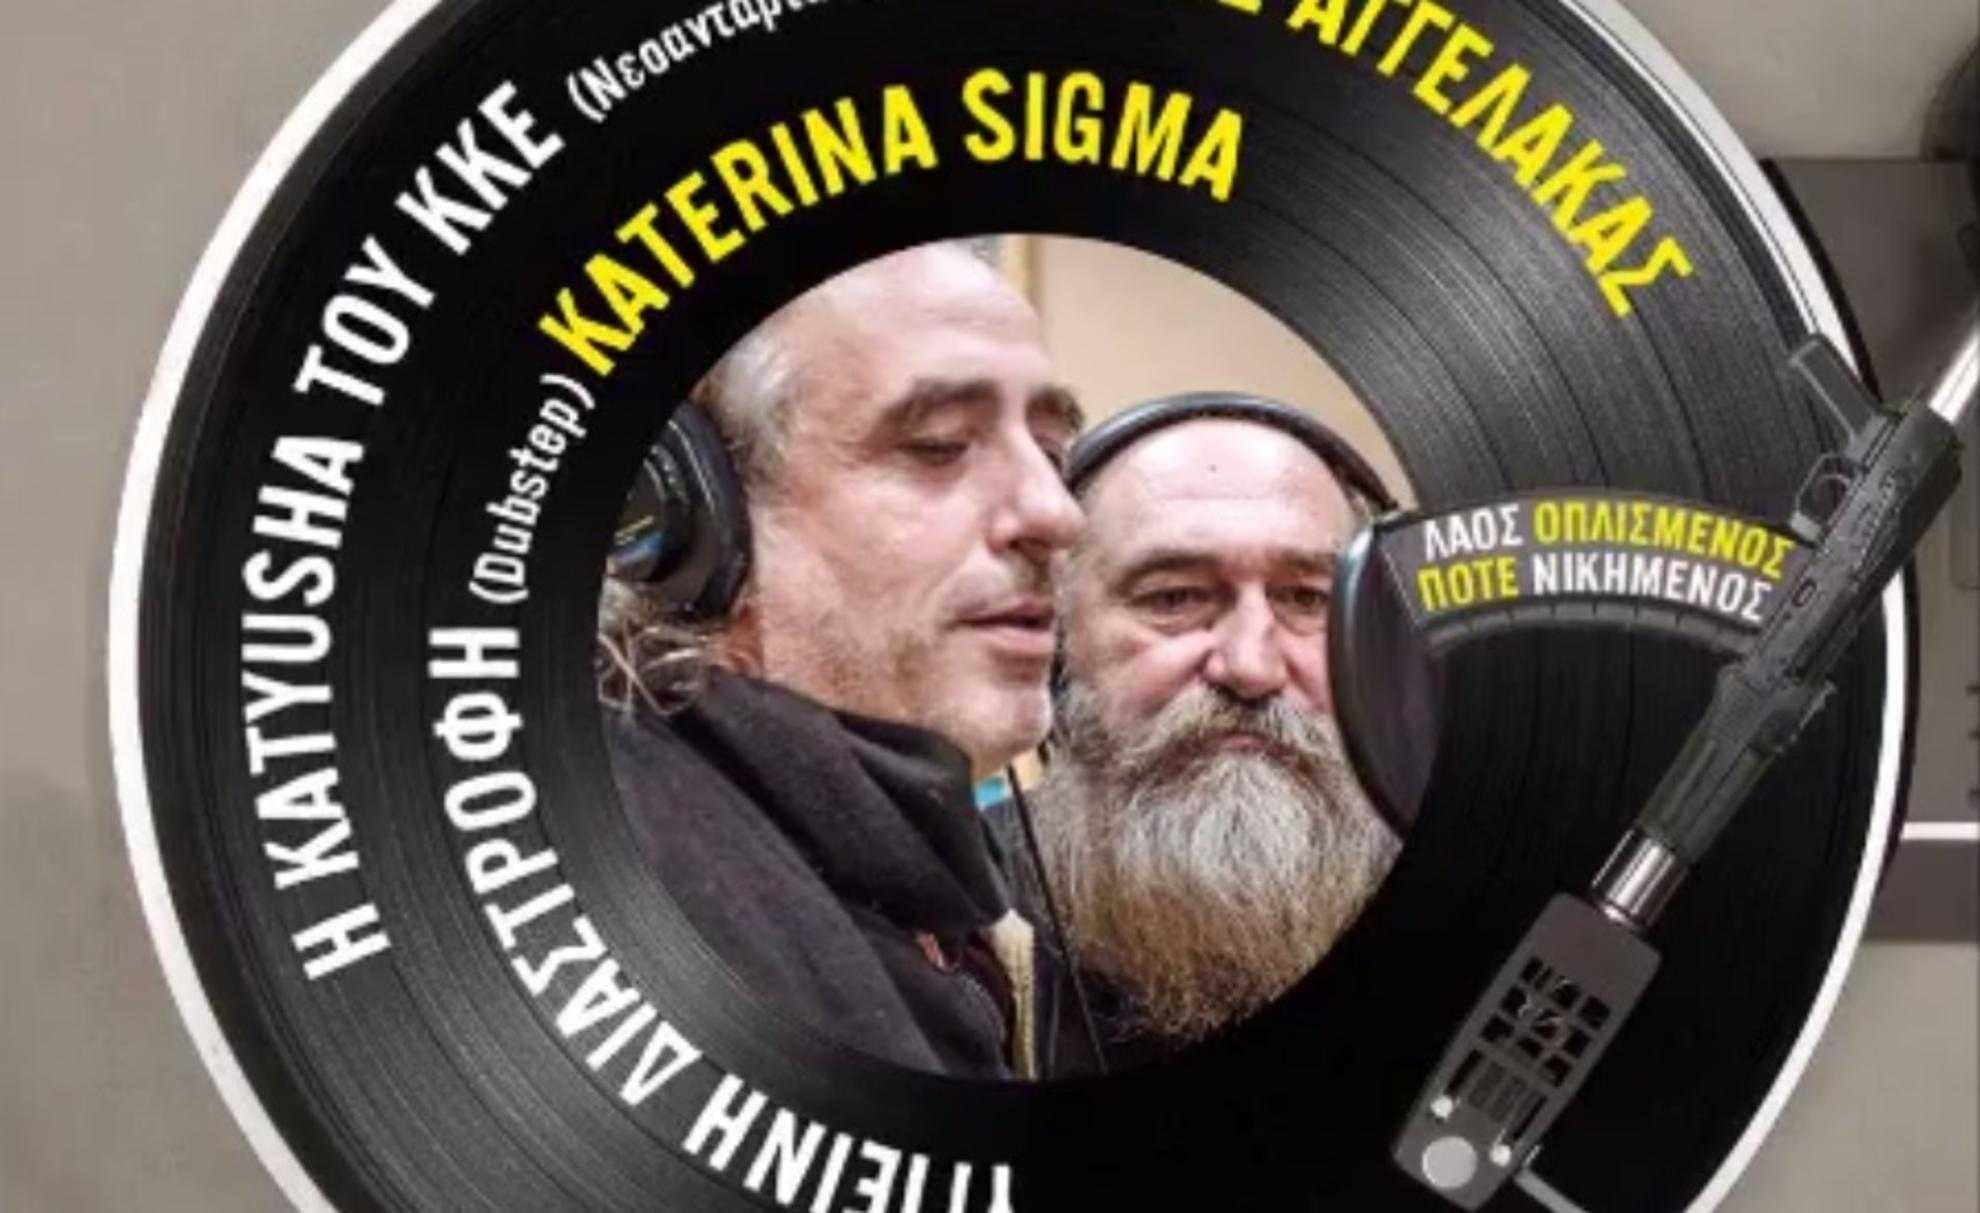 Δύο νέα τραγούδια του Τζίμη Πανούση μαζί με Γιάννη Αγγελάκα και Κατερίνα Στανίση Img51403_6a0b7fd021ad879ecc1a31d434940be4_1980_820c